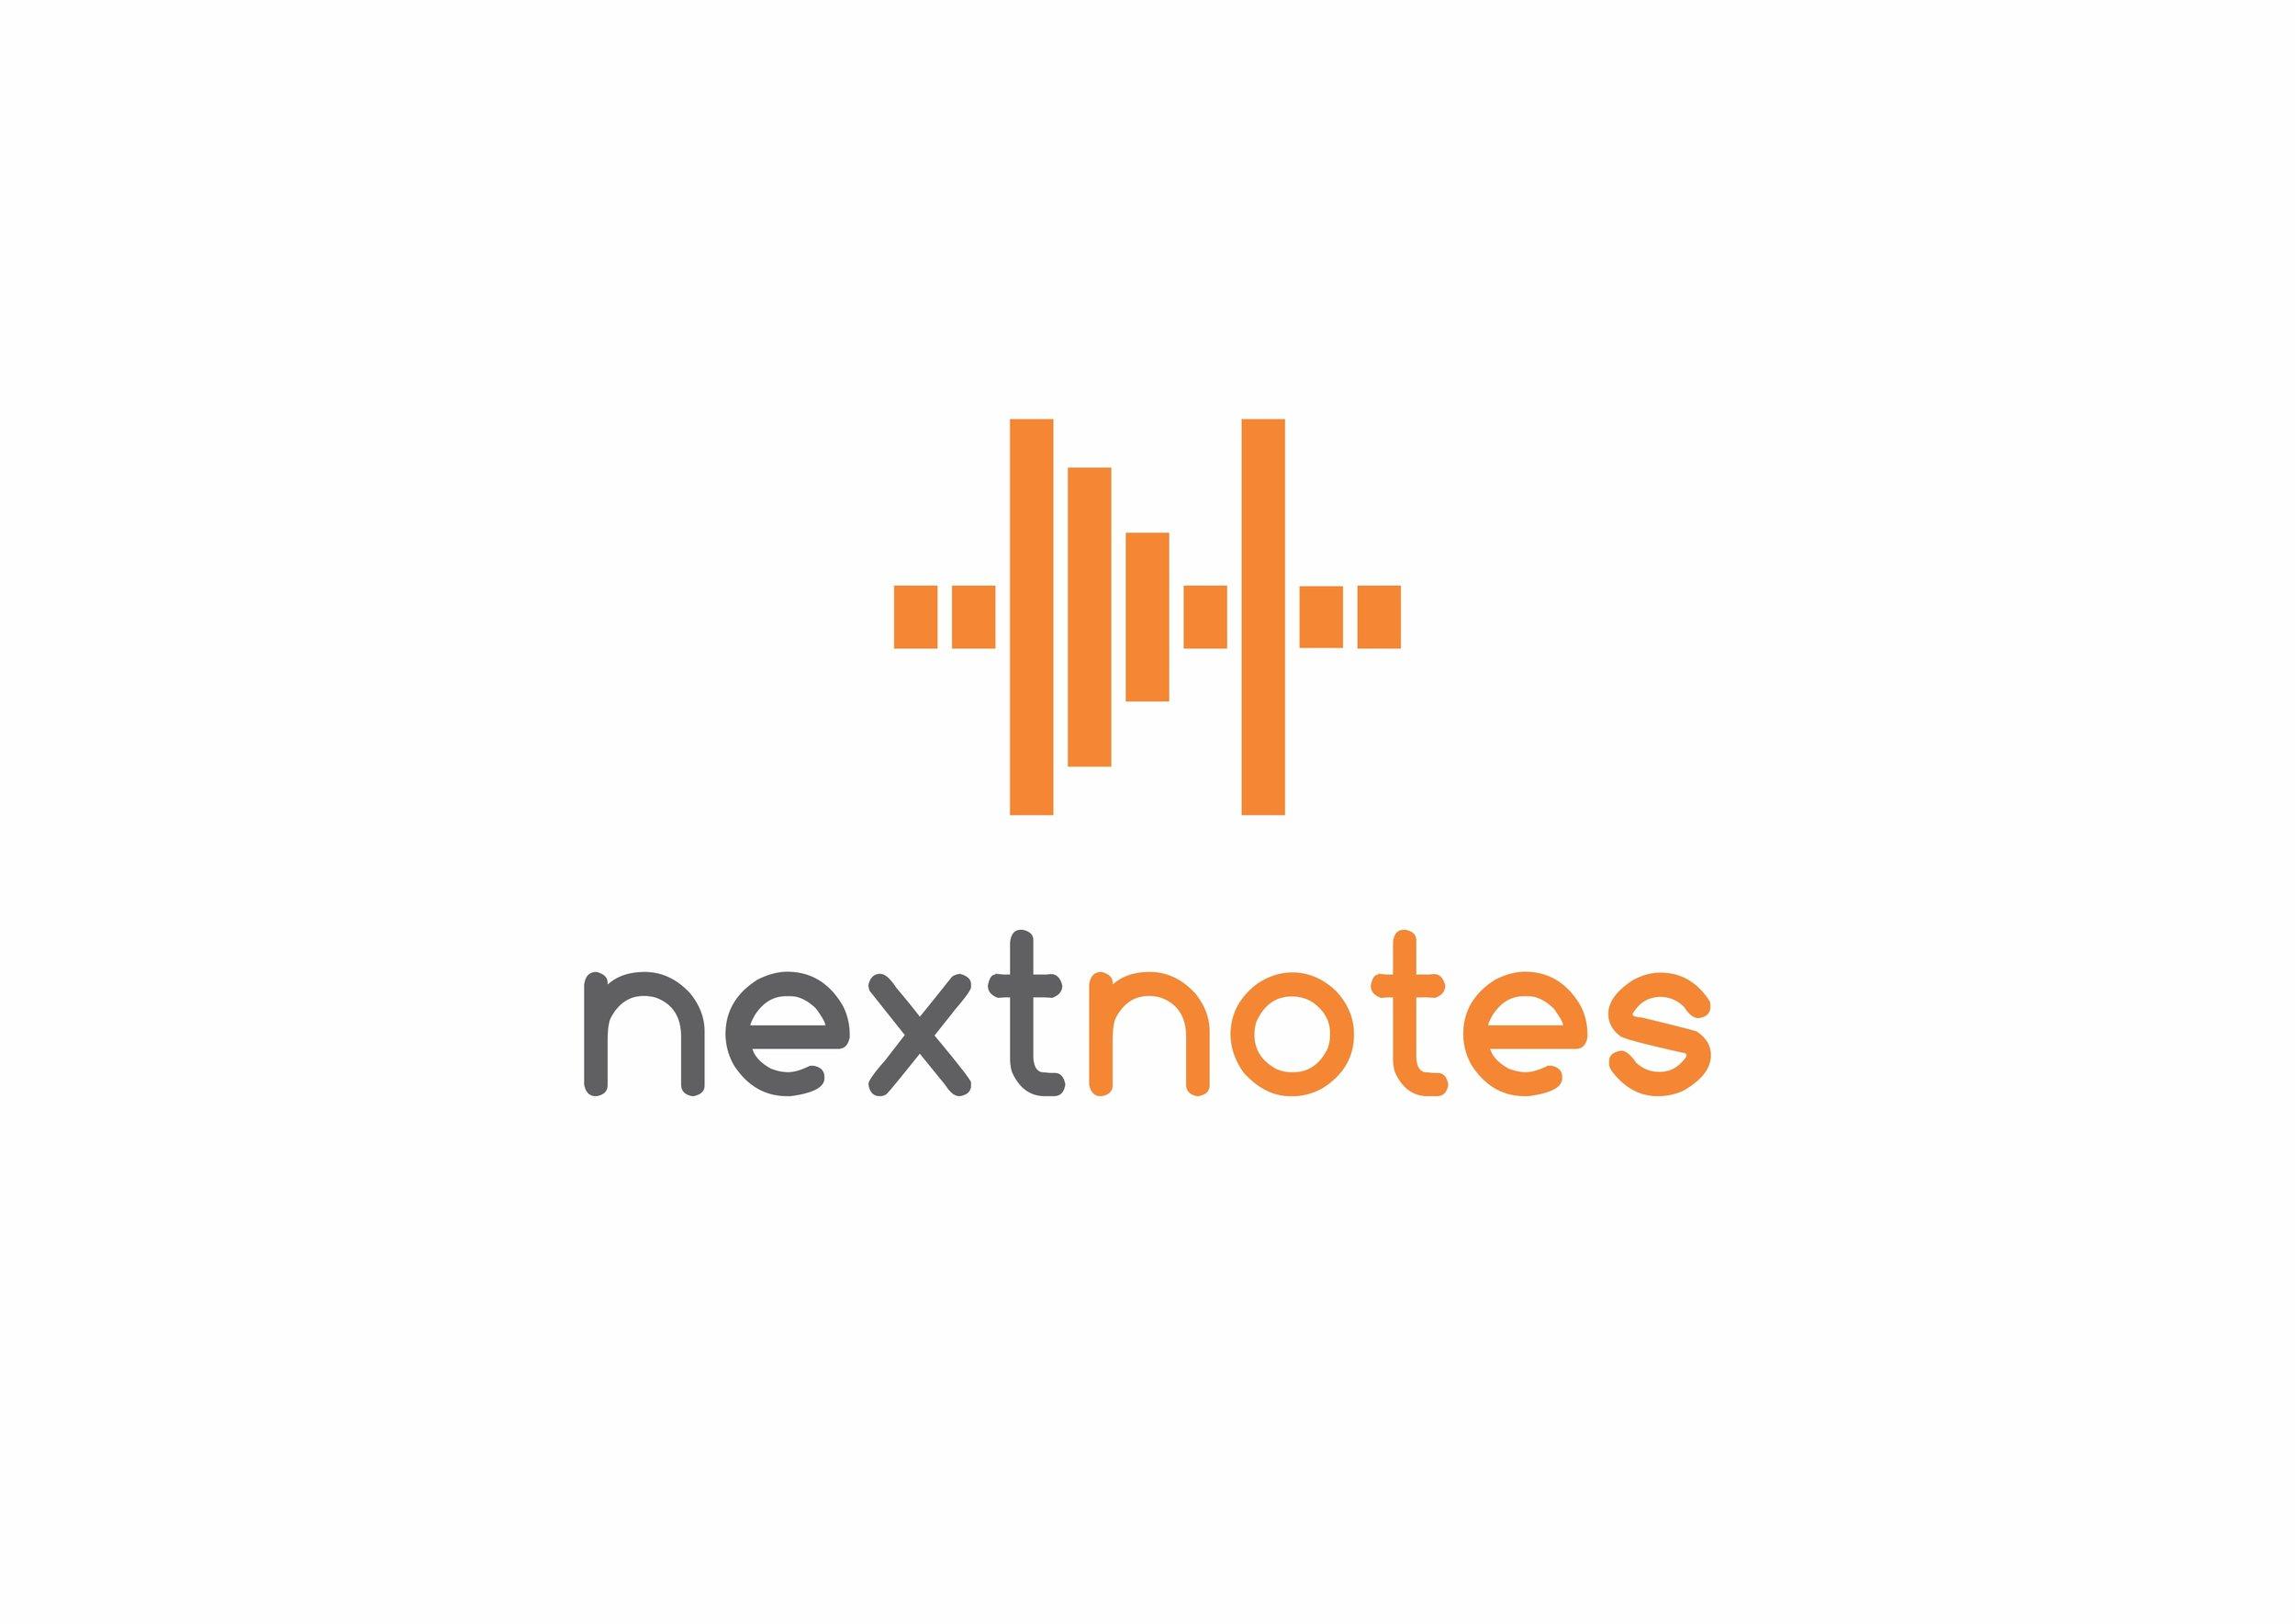 Программа Next Notes 2018 - В этом году программа начнется в конце октября и будет немного отличаться от предыдущей. Взяв во внимание отзывы участников, мы решили удвоить длительность программы до двух месяцев. Каждую неделю группам будут давать советы и отзывы приглашенные спикеры и другие менторы. Также, будет создано больше медиа-контента, включая видео профили и музыкальные клипы. Нам уже не терпится начать!